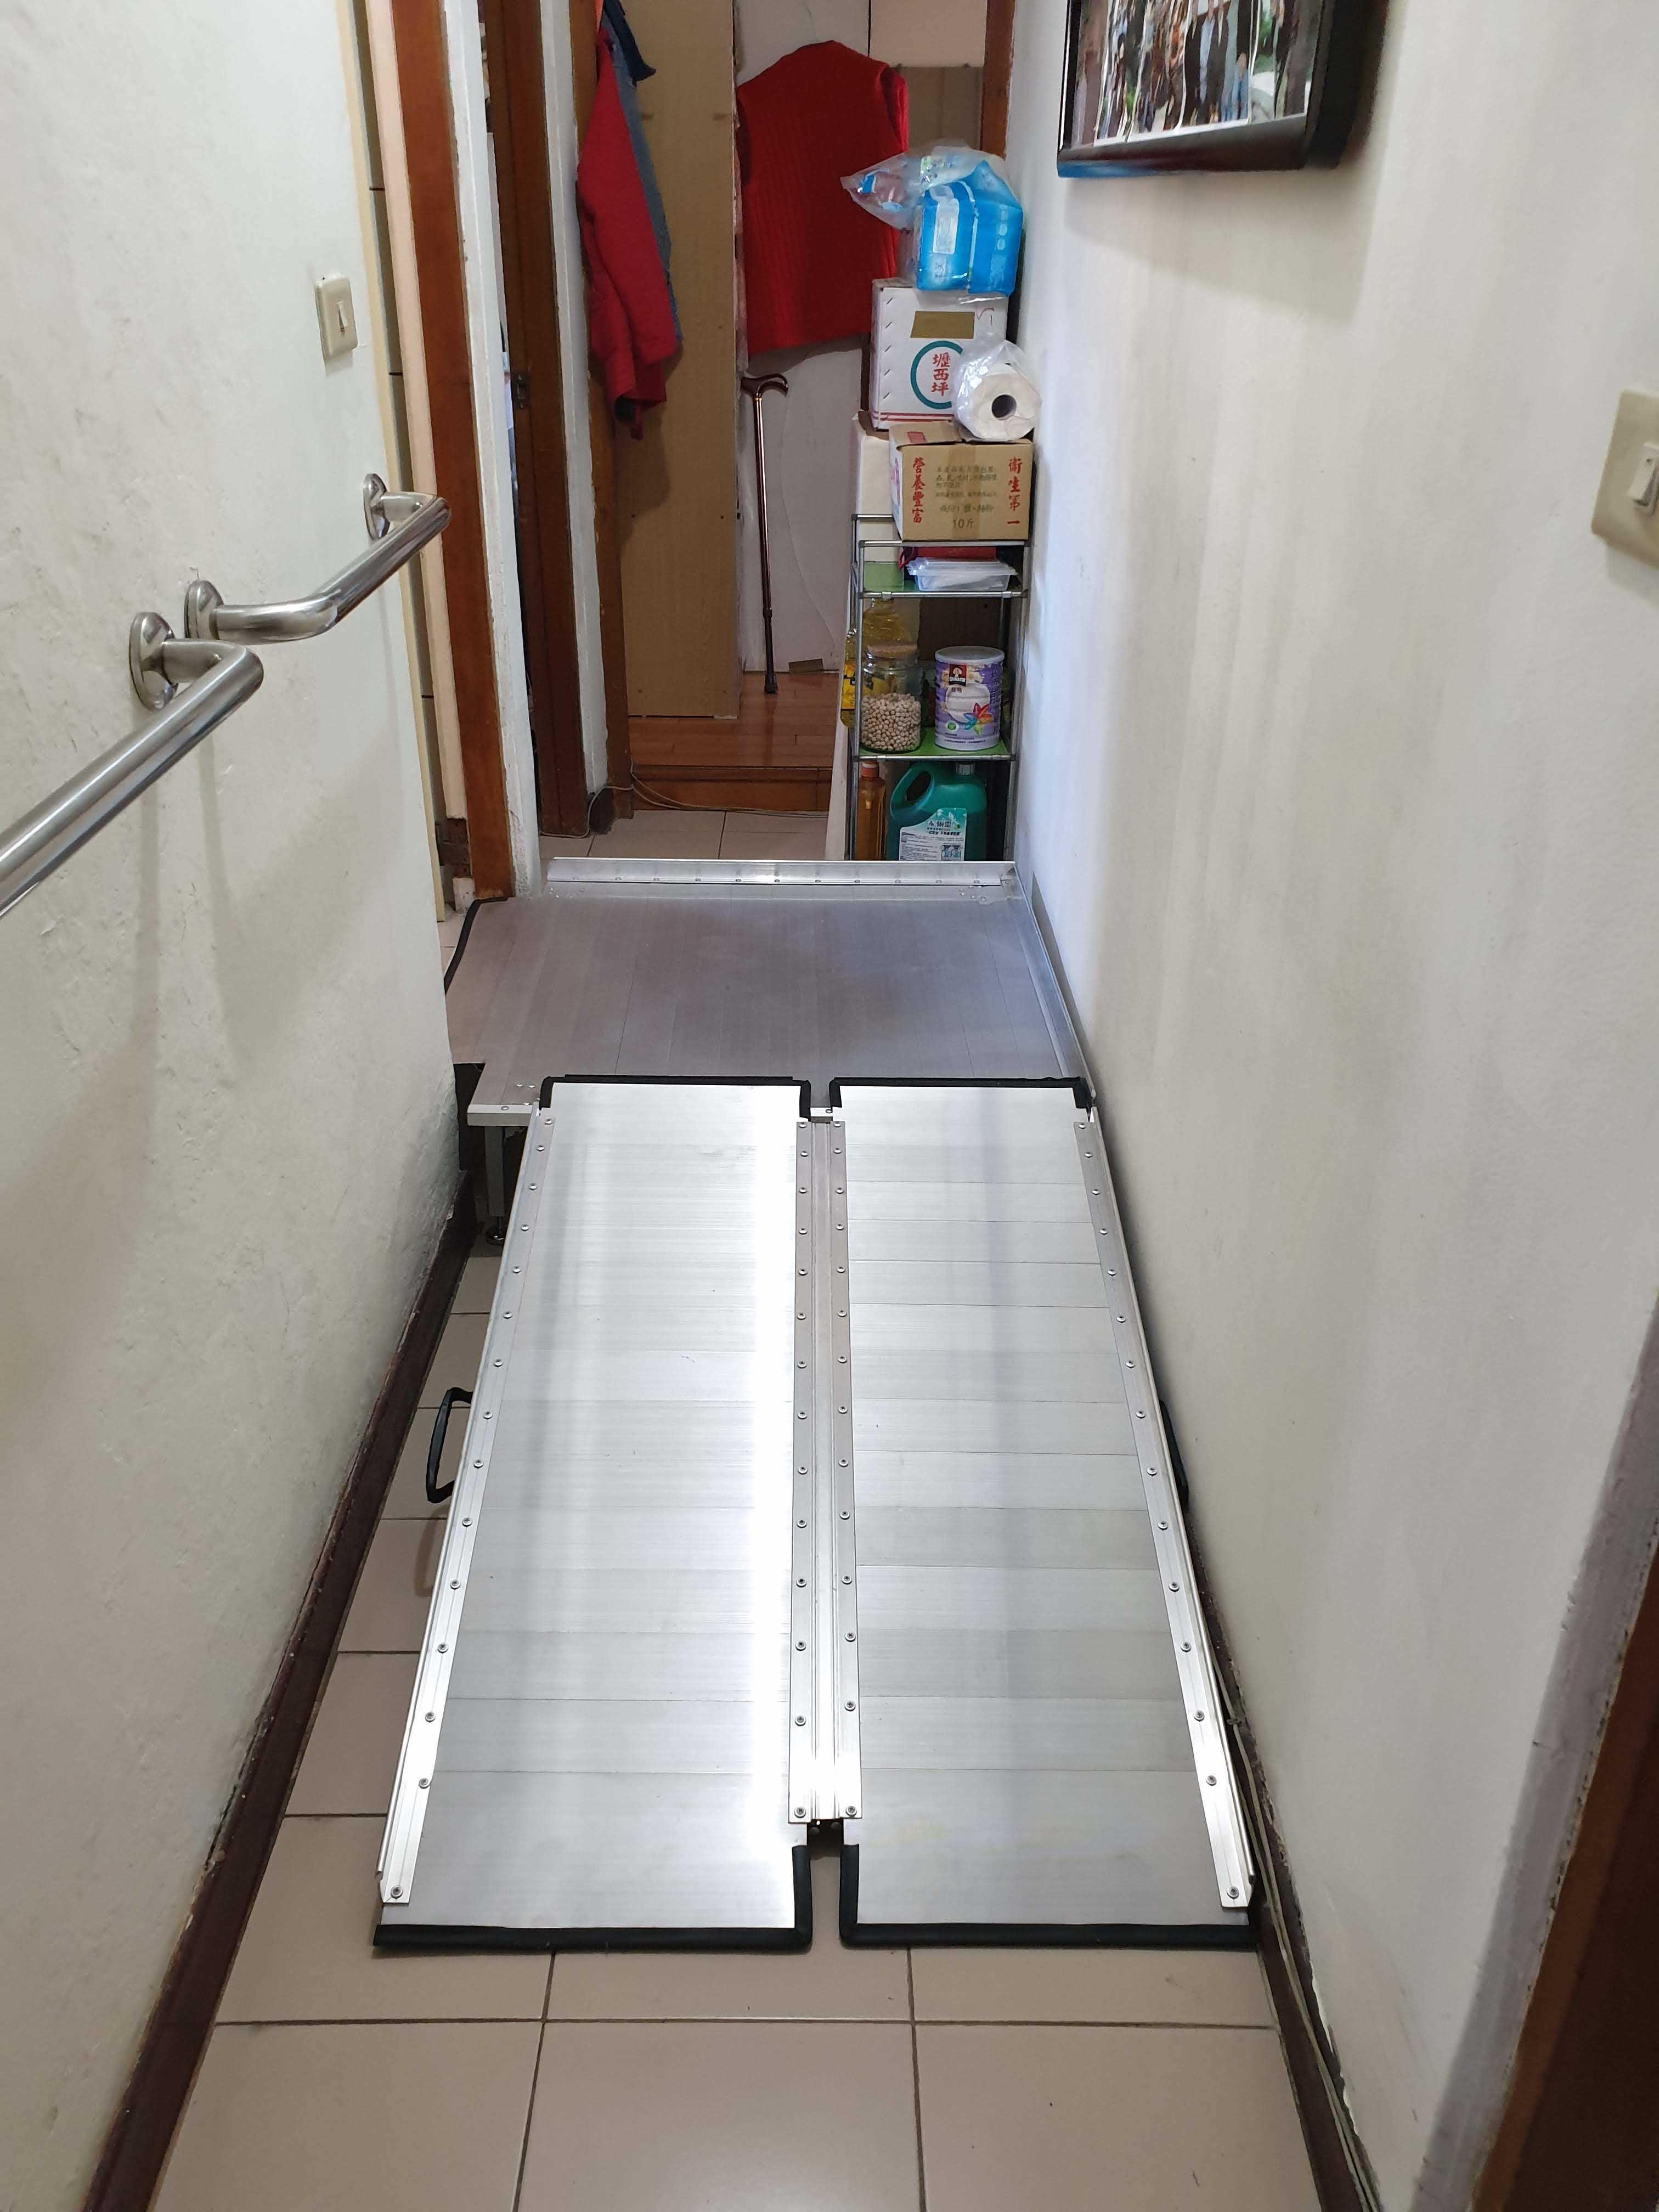 鋁合金平台搭配斜坡板架設完成